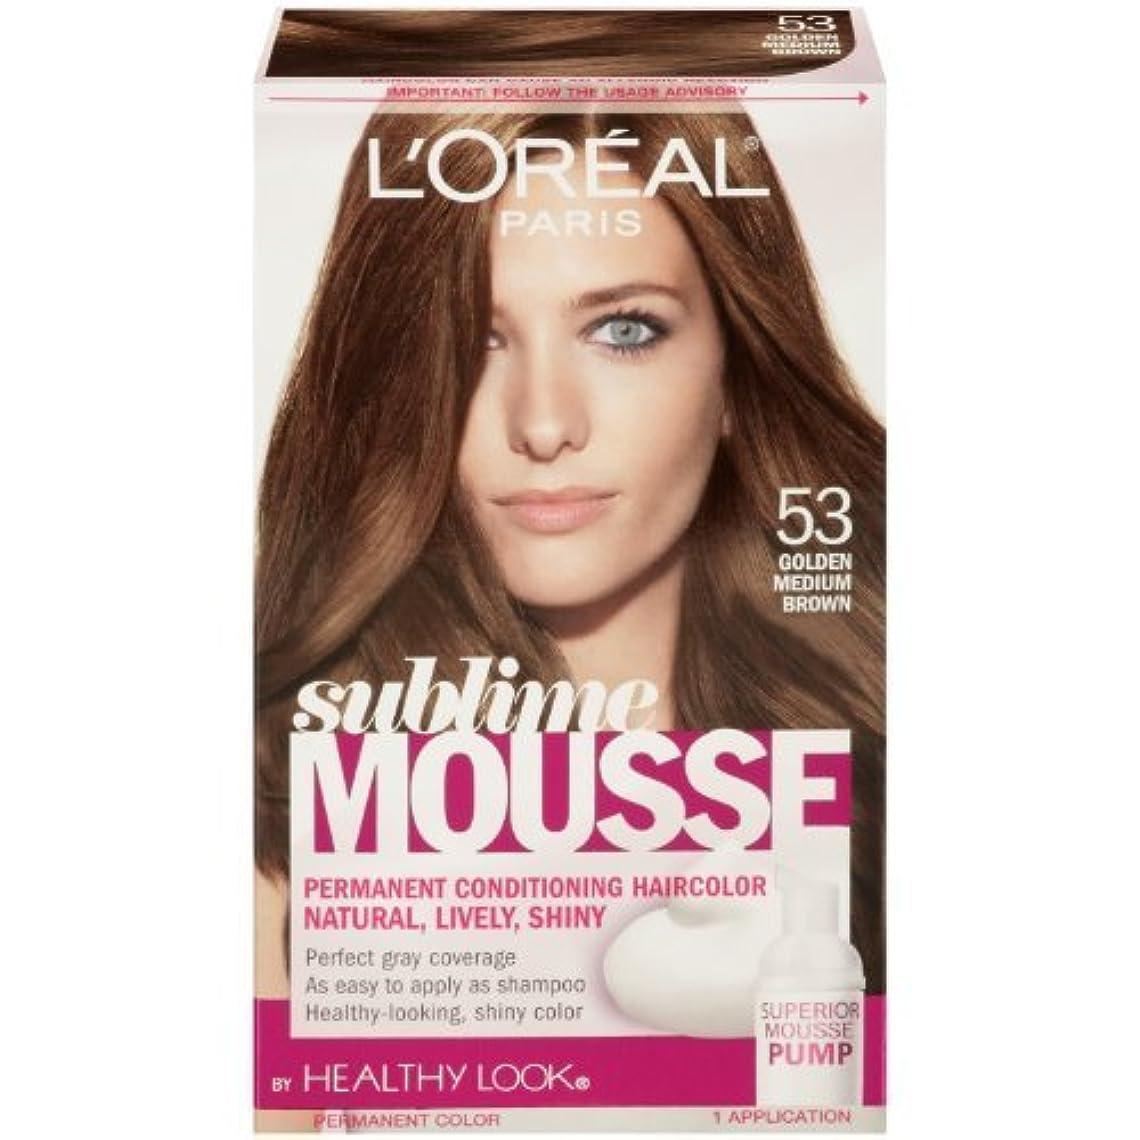 あいまいほうき拮抗L'Oreal Paris Sublime Mousse by Healthy Look Hair Color, 53 Golden Medium Brown by SUBLIME MOUSSE [並行輸入品]